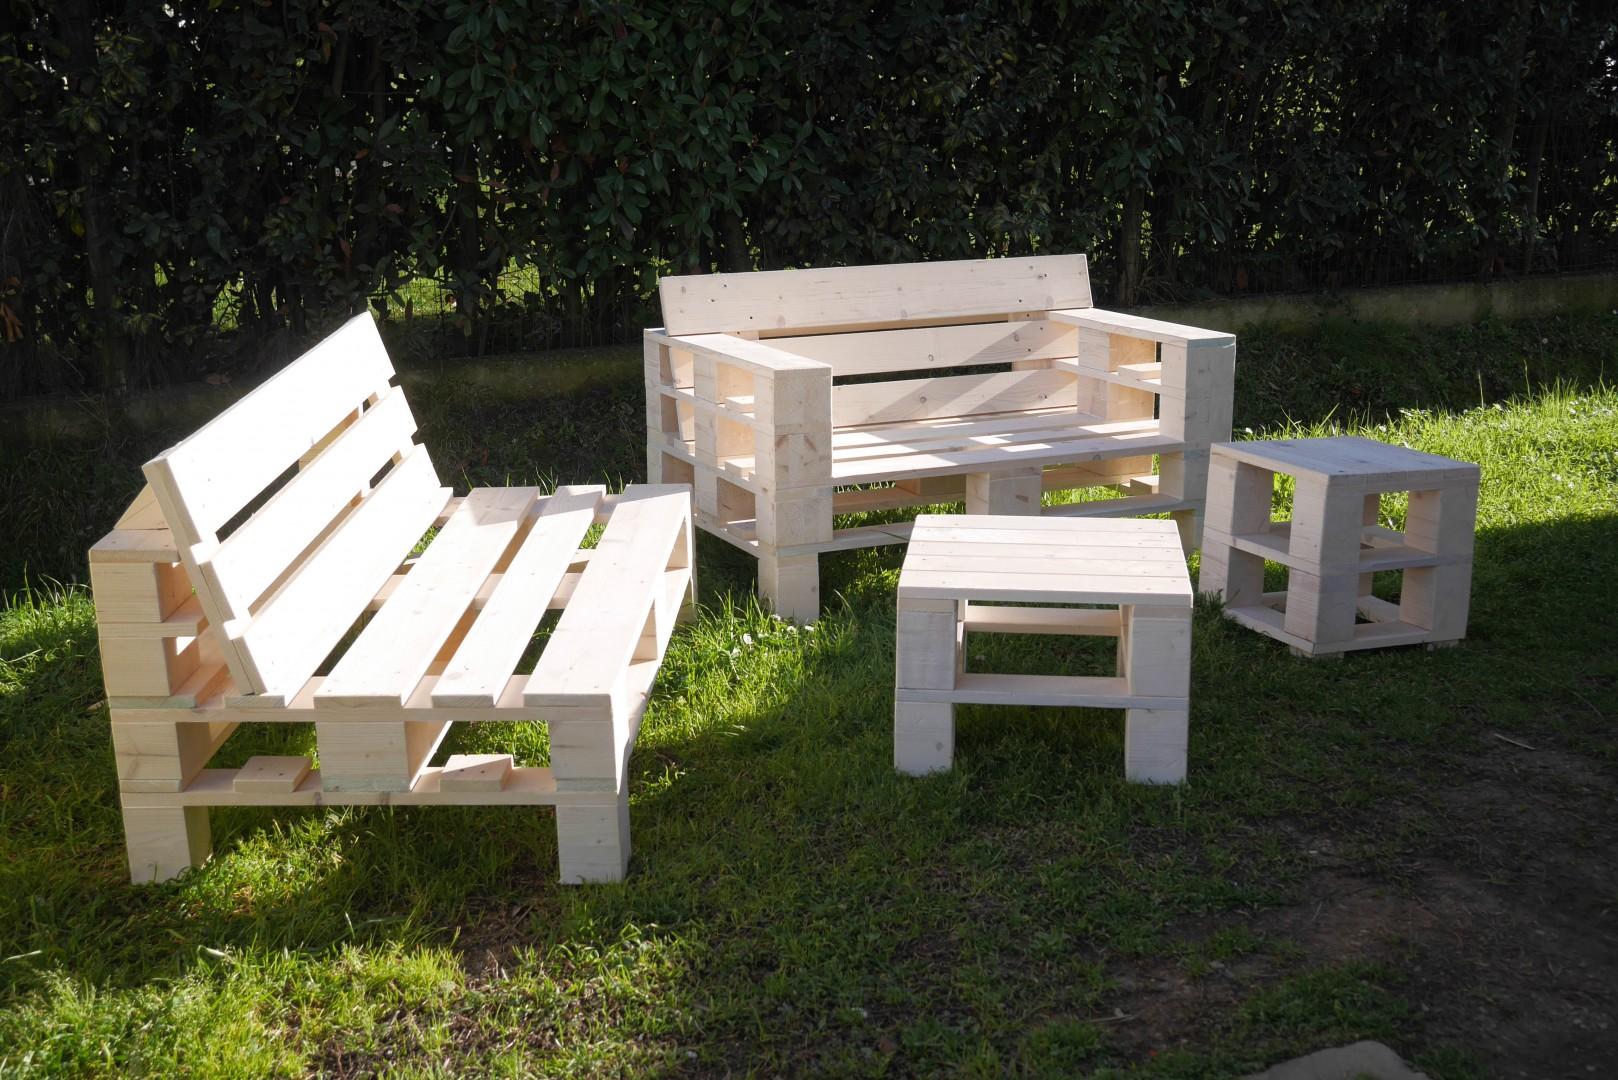 Noleggio divano pallet 2 posti completo di cuscini mis for Divano in pallet